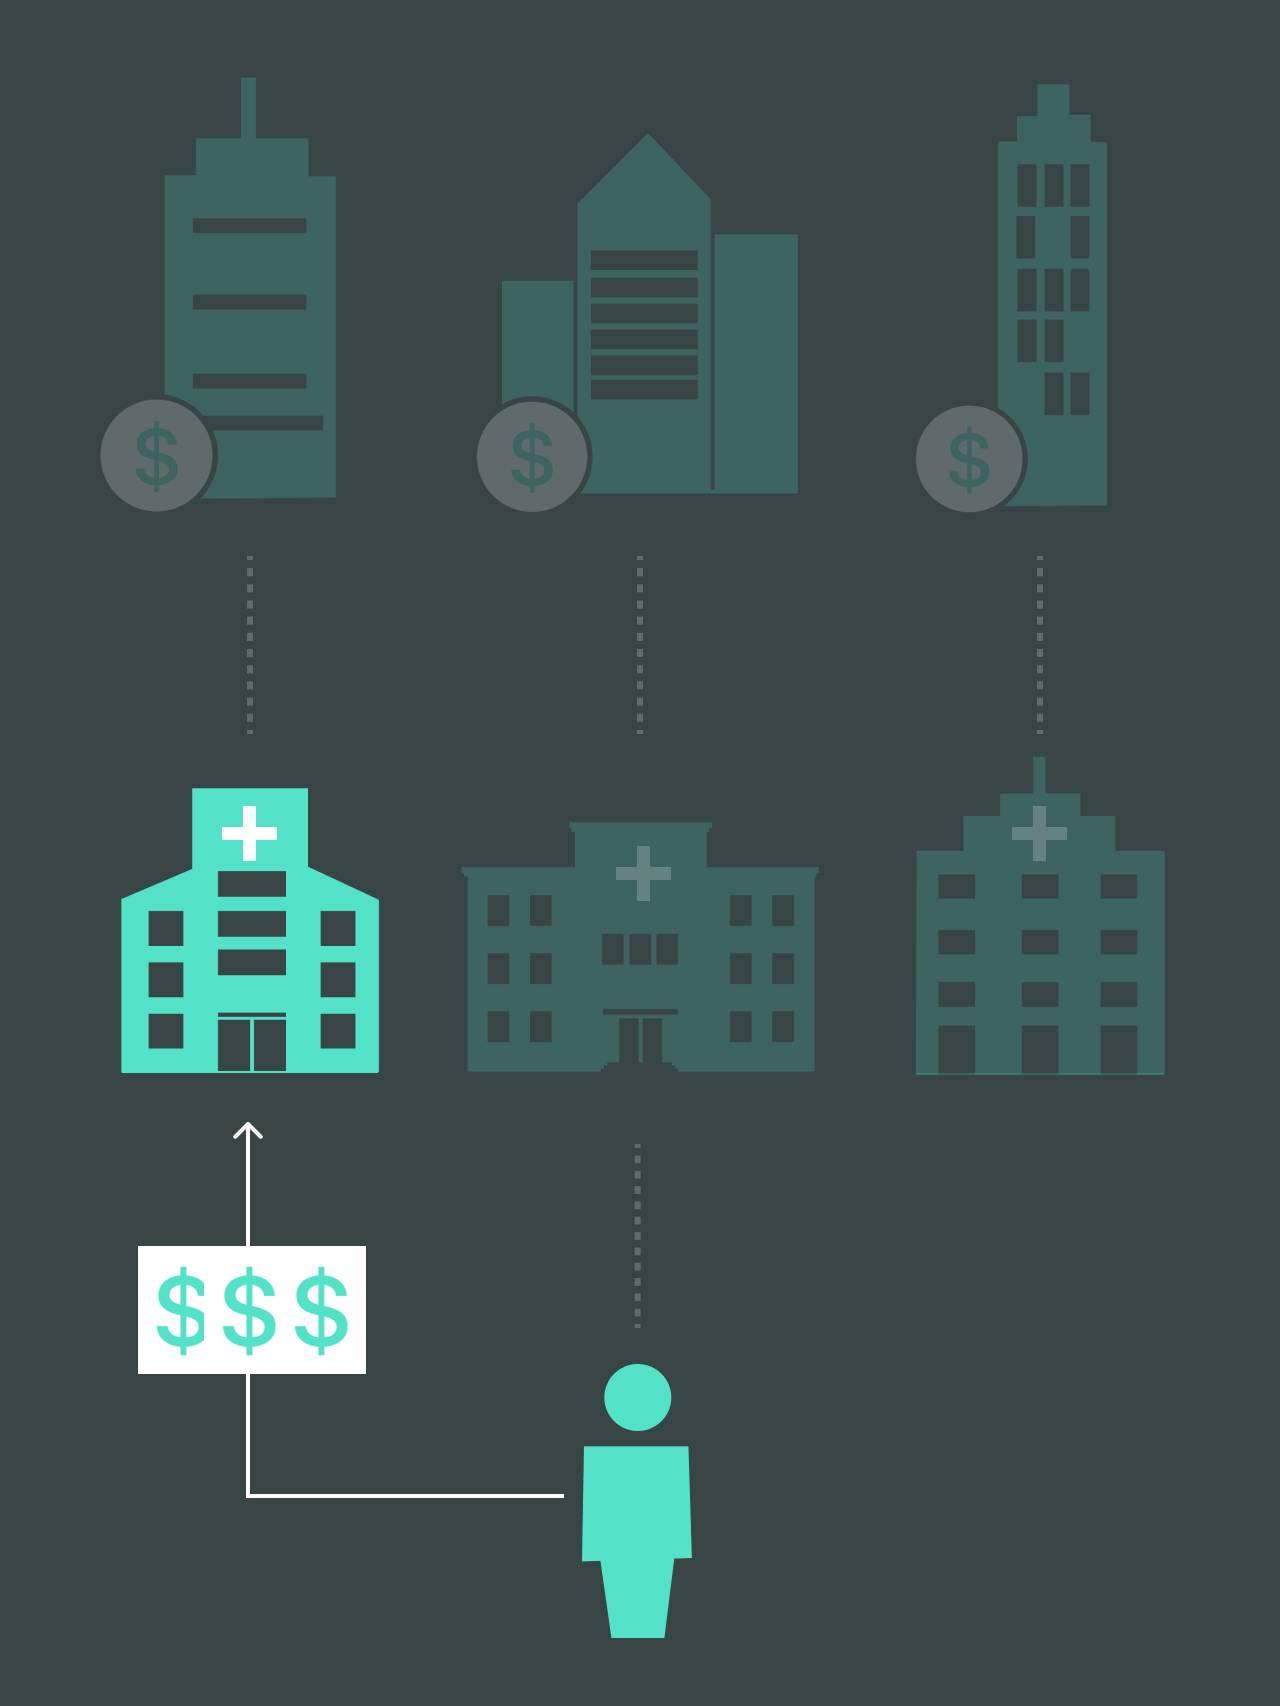 Illustrasjon av pasient som velger eller havner på et annet sykehus en det forsikringselskapet har i sitt nettverk. Da må pasienten betale alt selv.